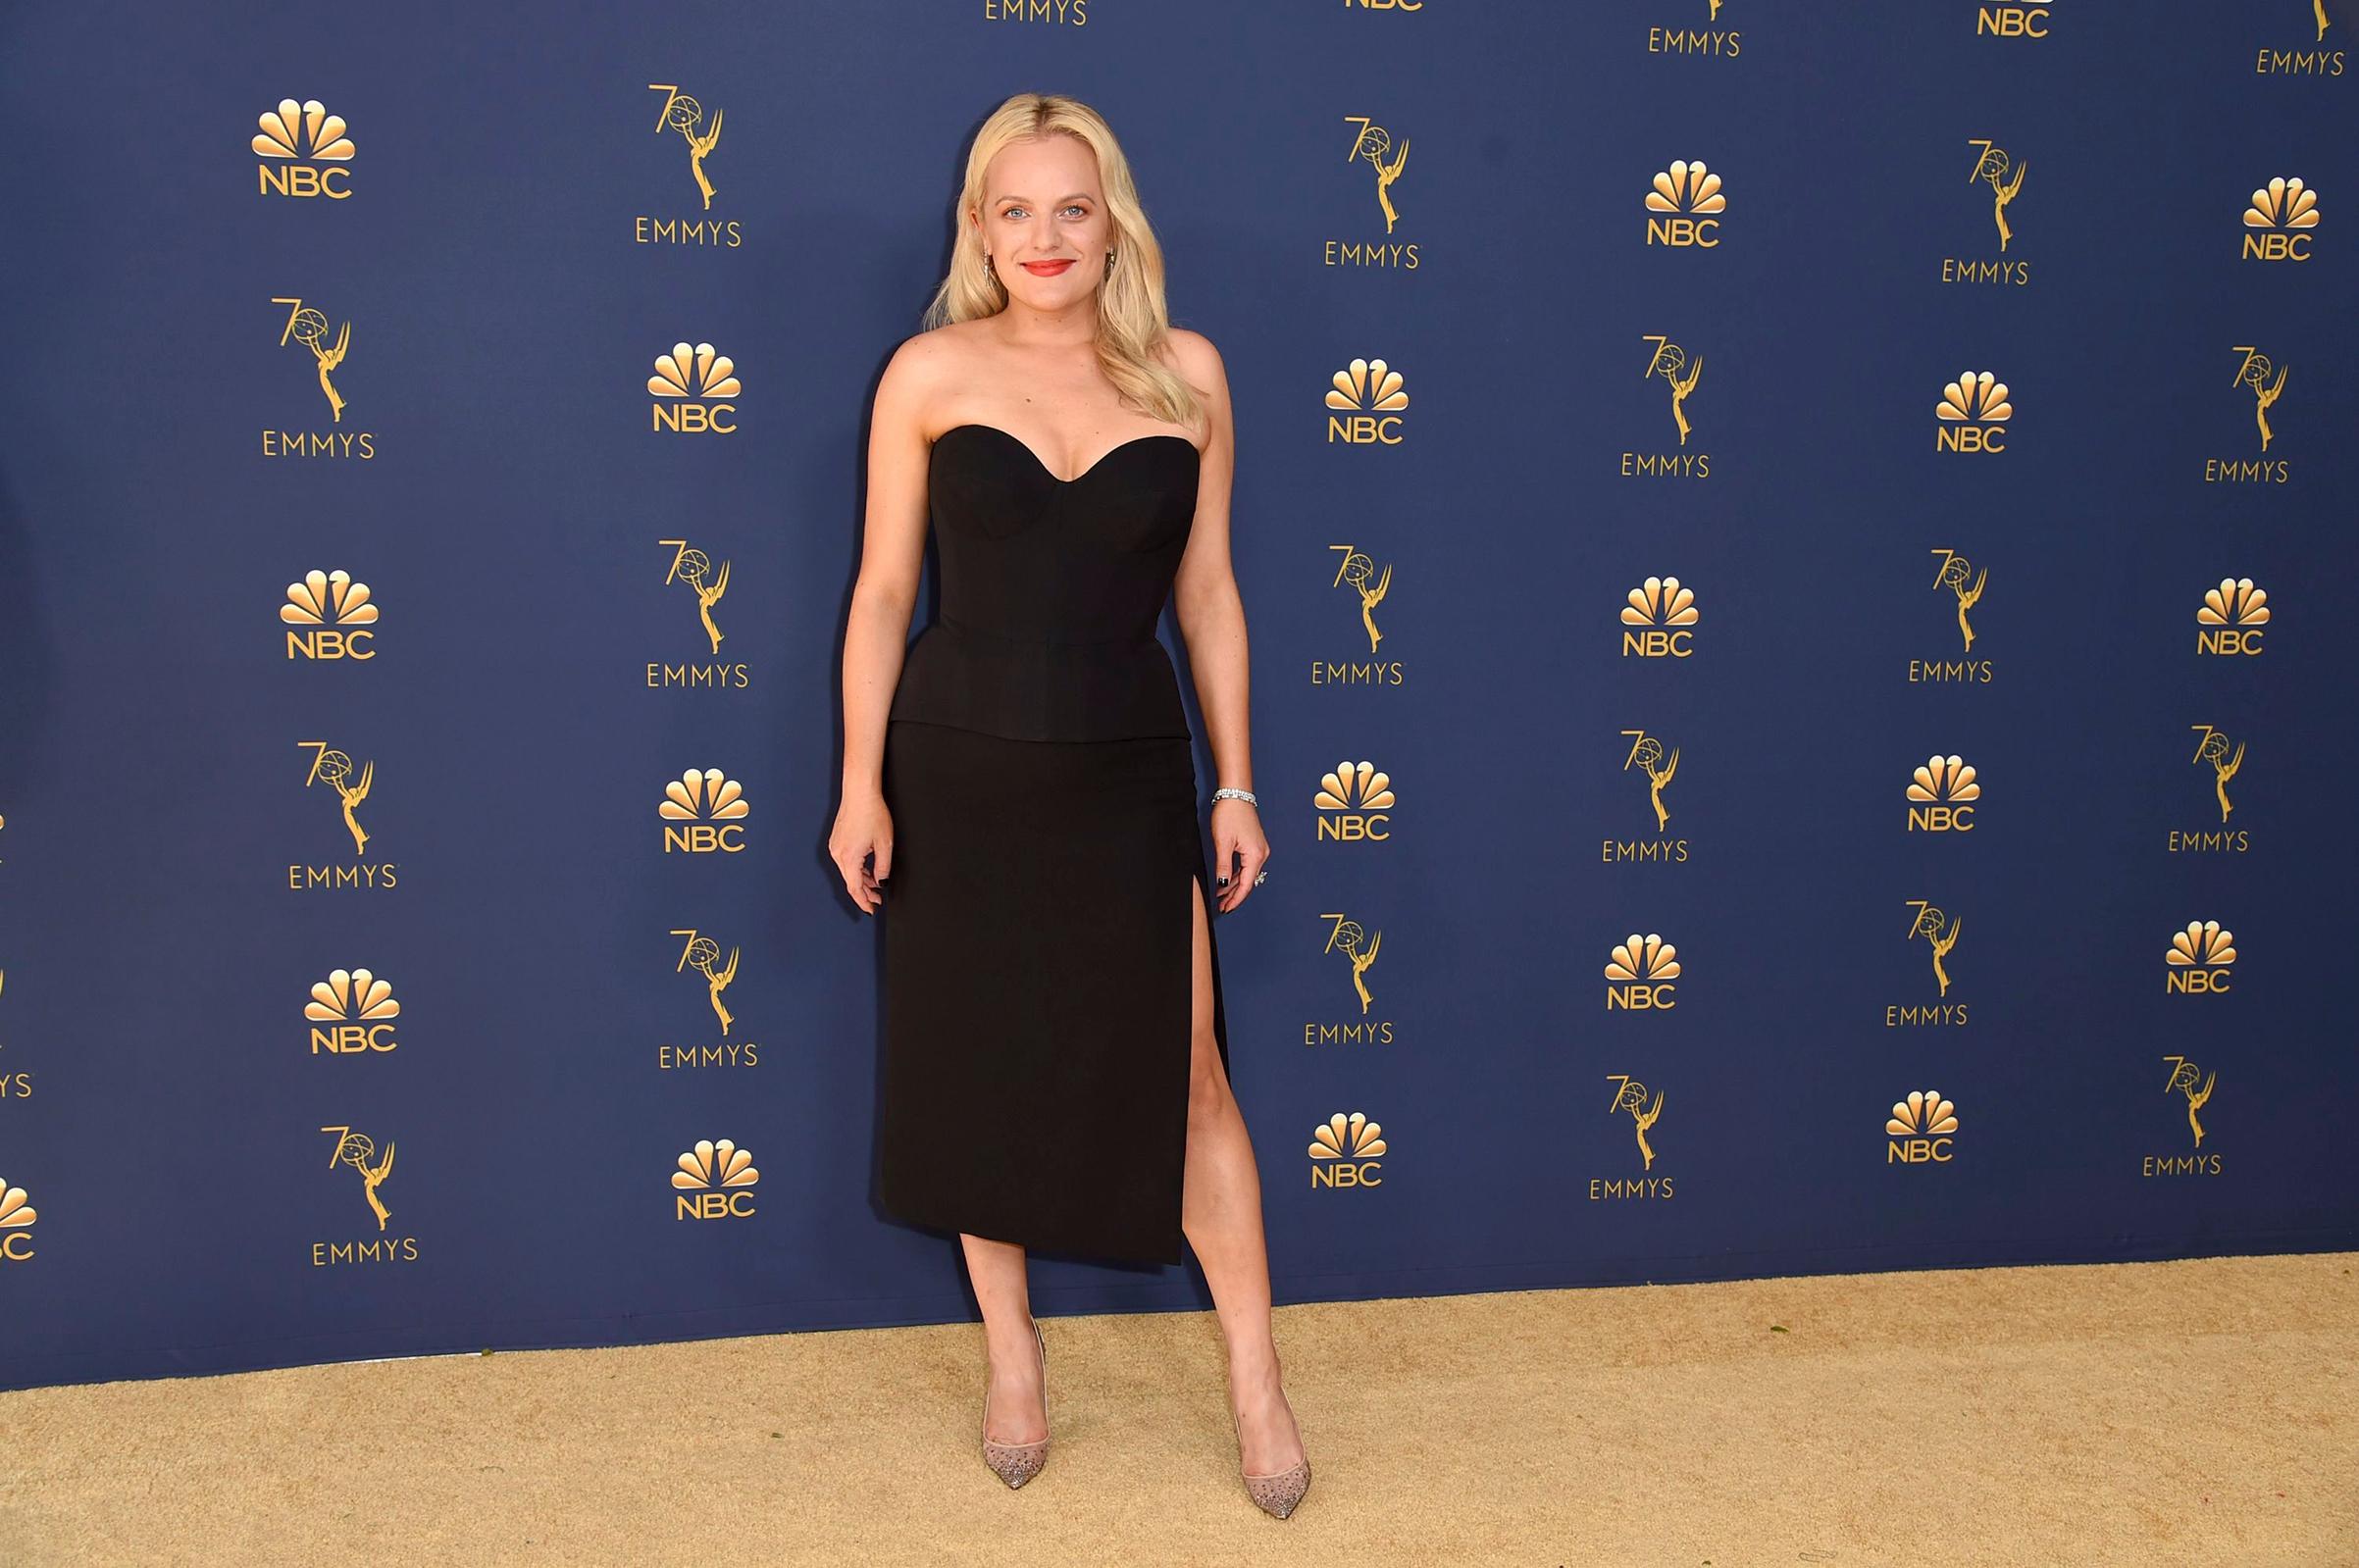 Elisabeth Moss arrives at the 70th Primetime Emmy Awards on Sept. 17.